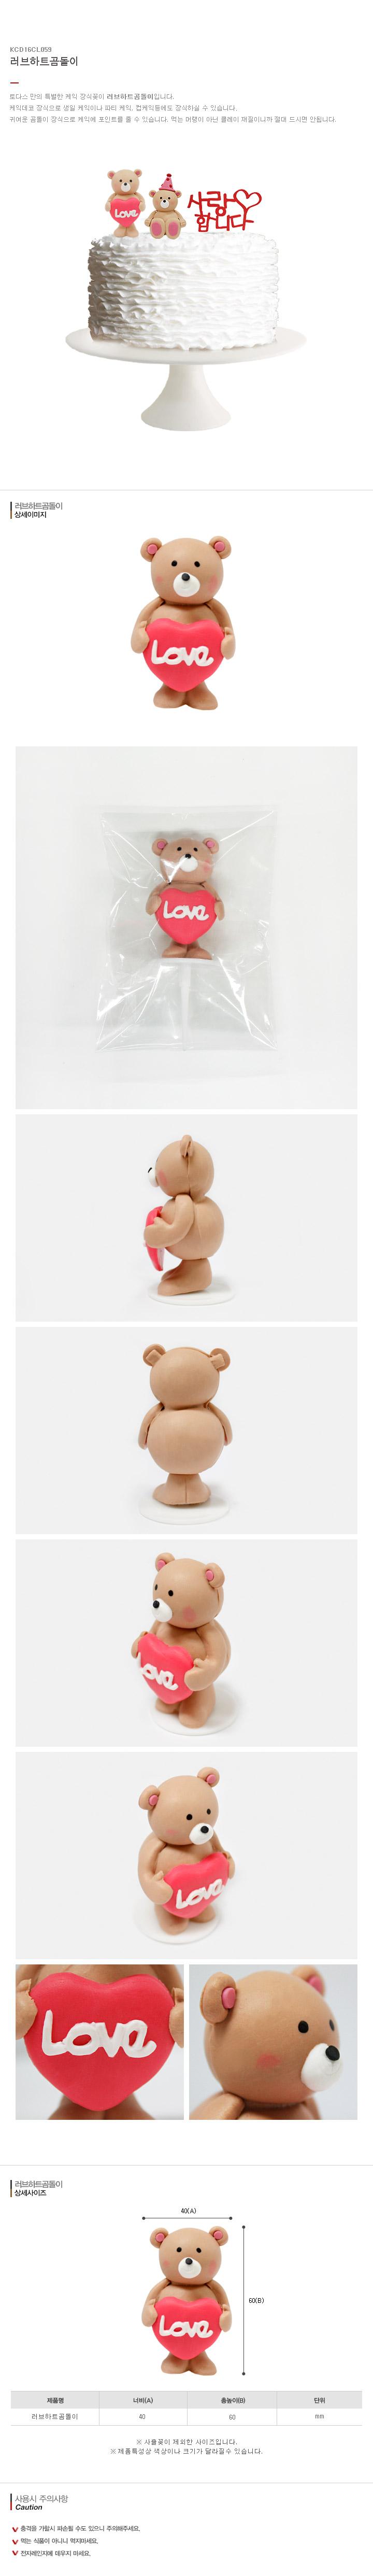 러브하트곰돌이 클레이 케익장식 - 토다스, 1,800원, DIY재료, 토핑/데코